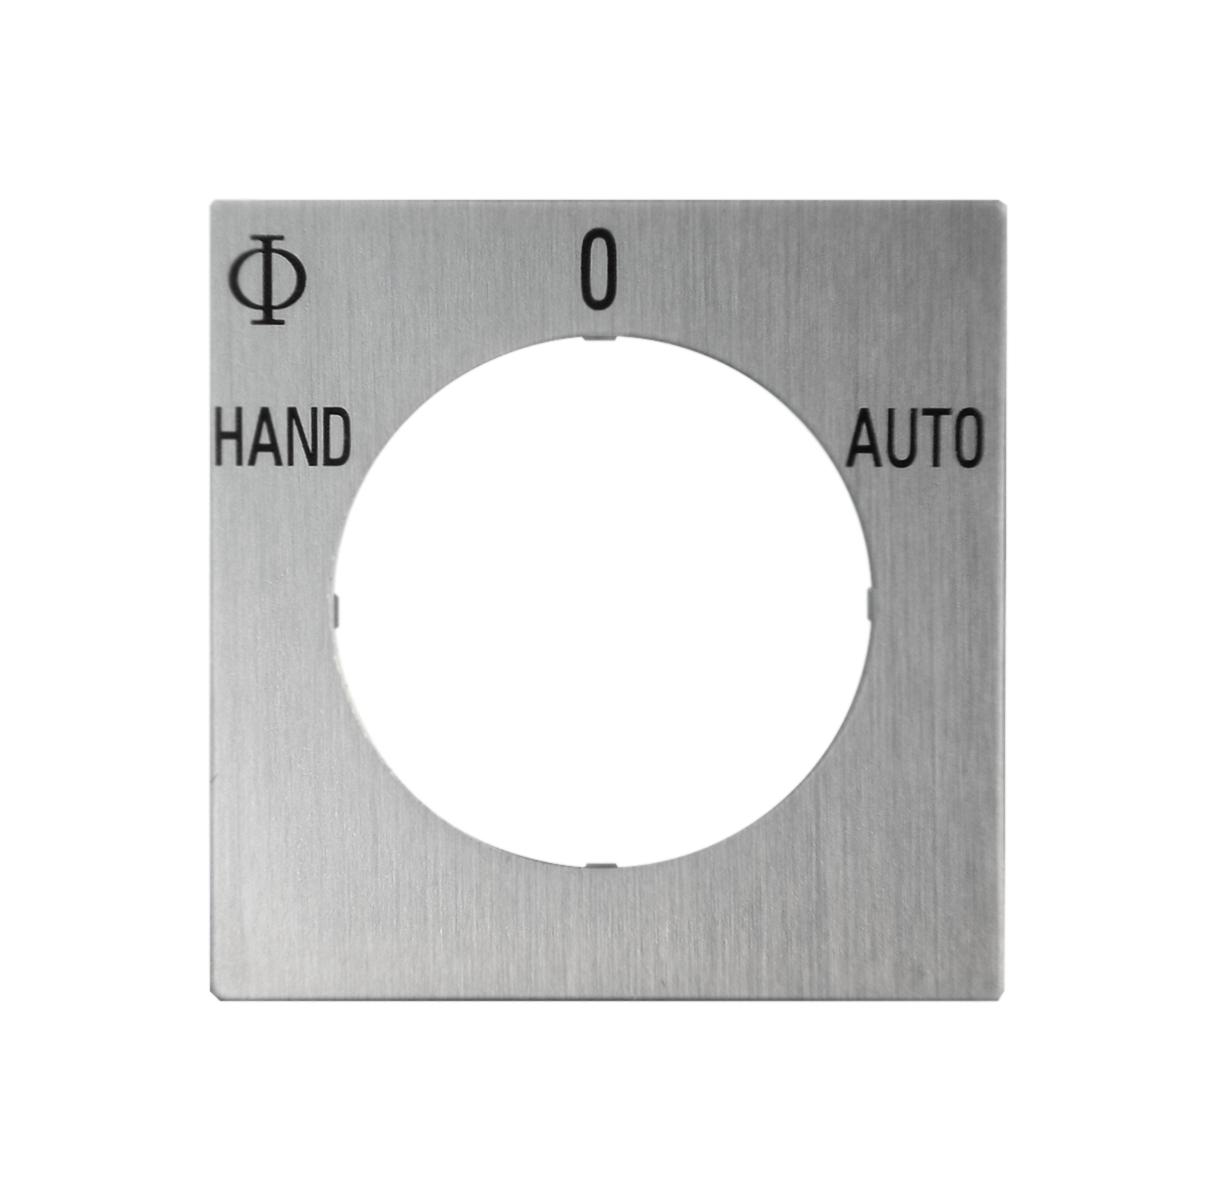 1 Stk Zusatzschild HAND-0-AUTO IN022037--